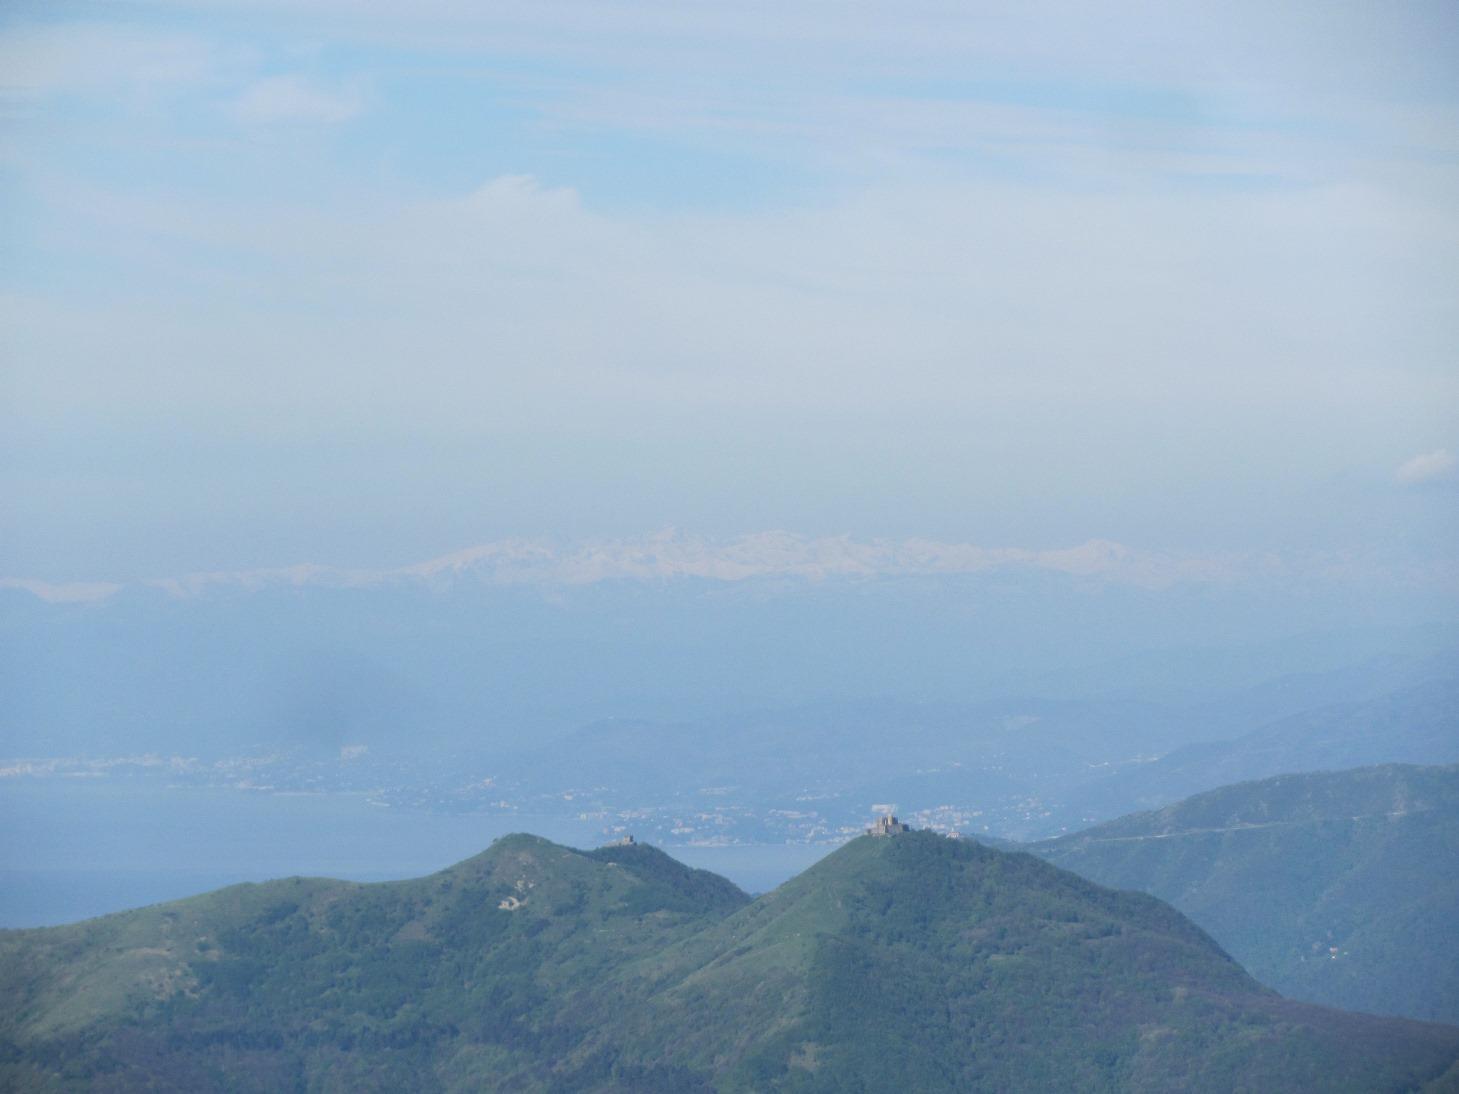 Vista dall'Alpesisa: i forti, il mare e le alpi liguri